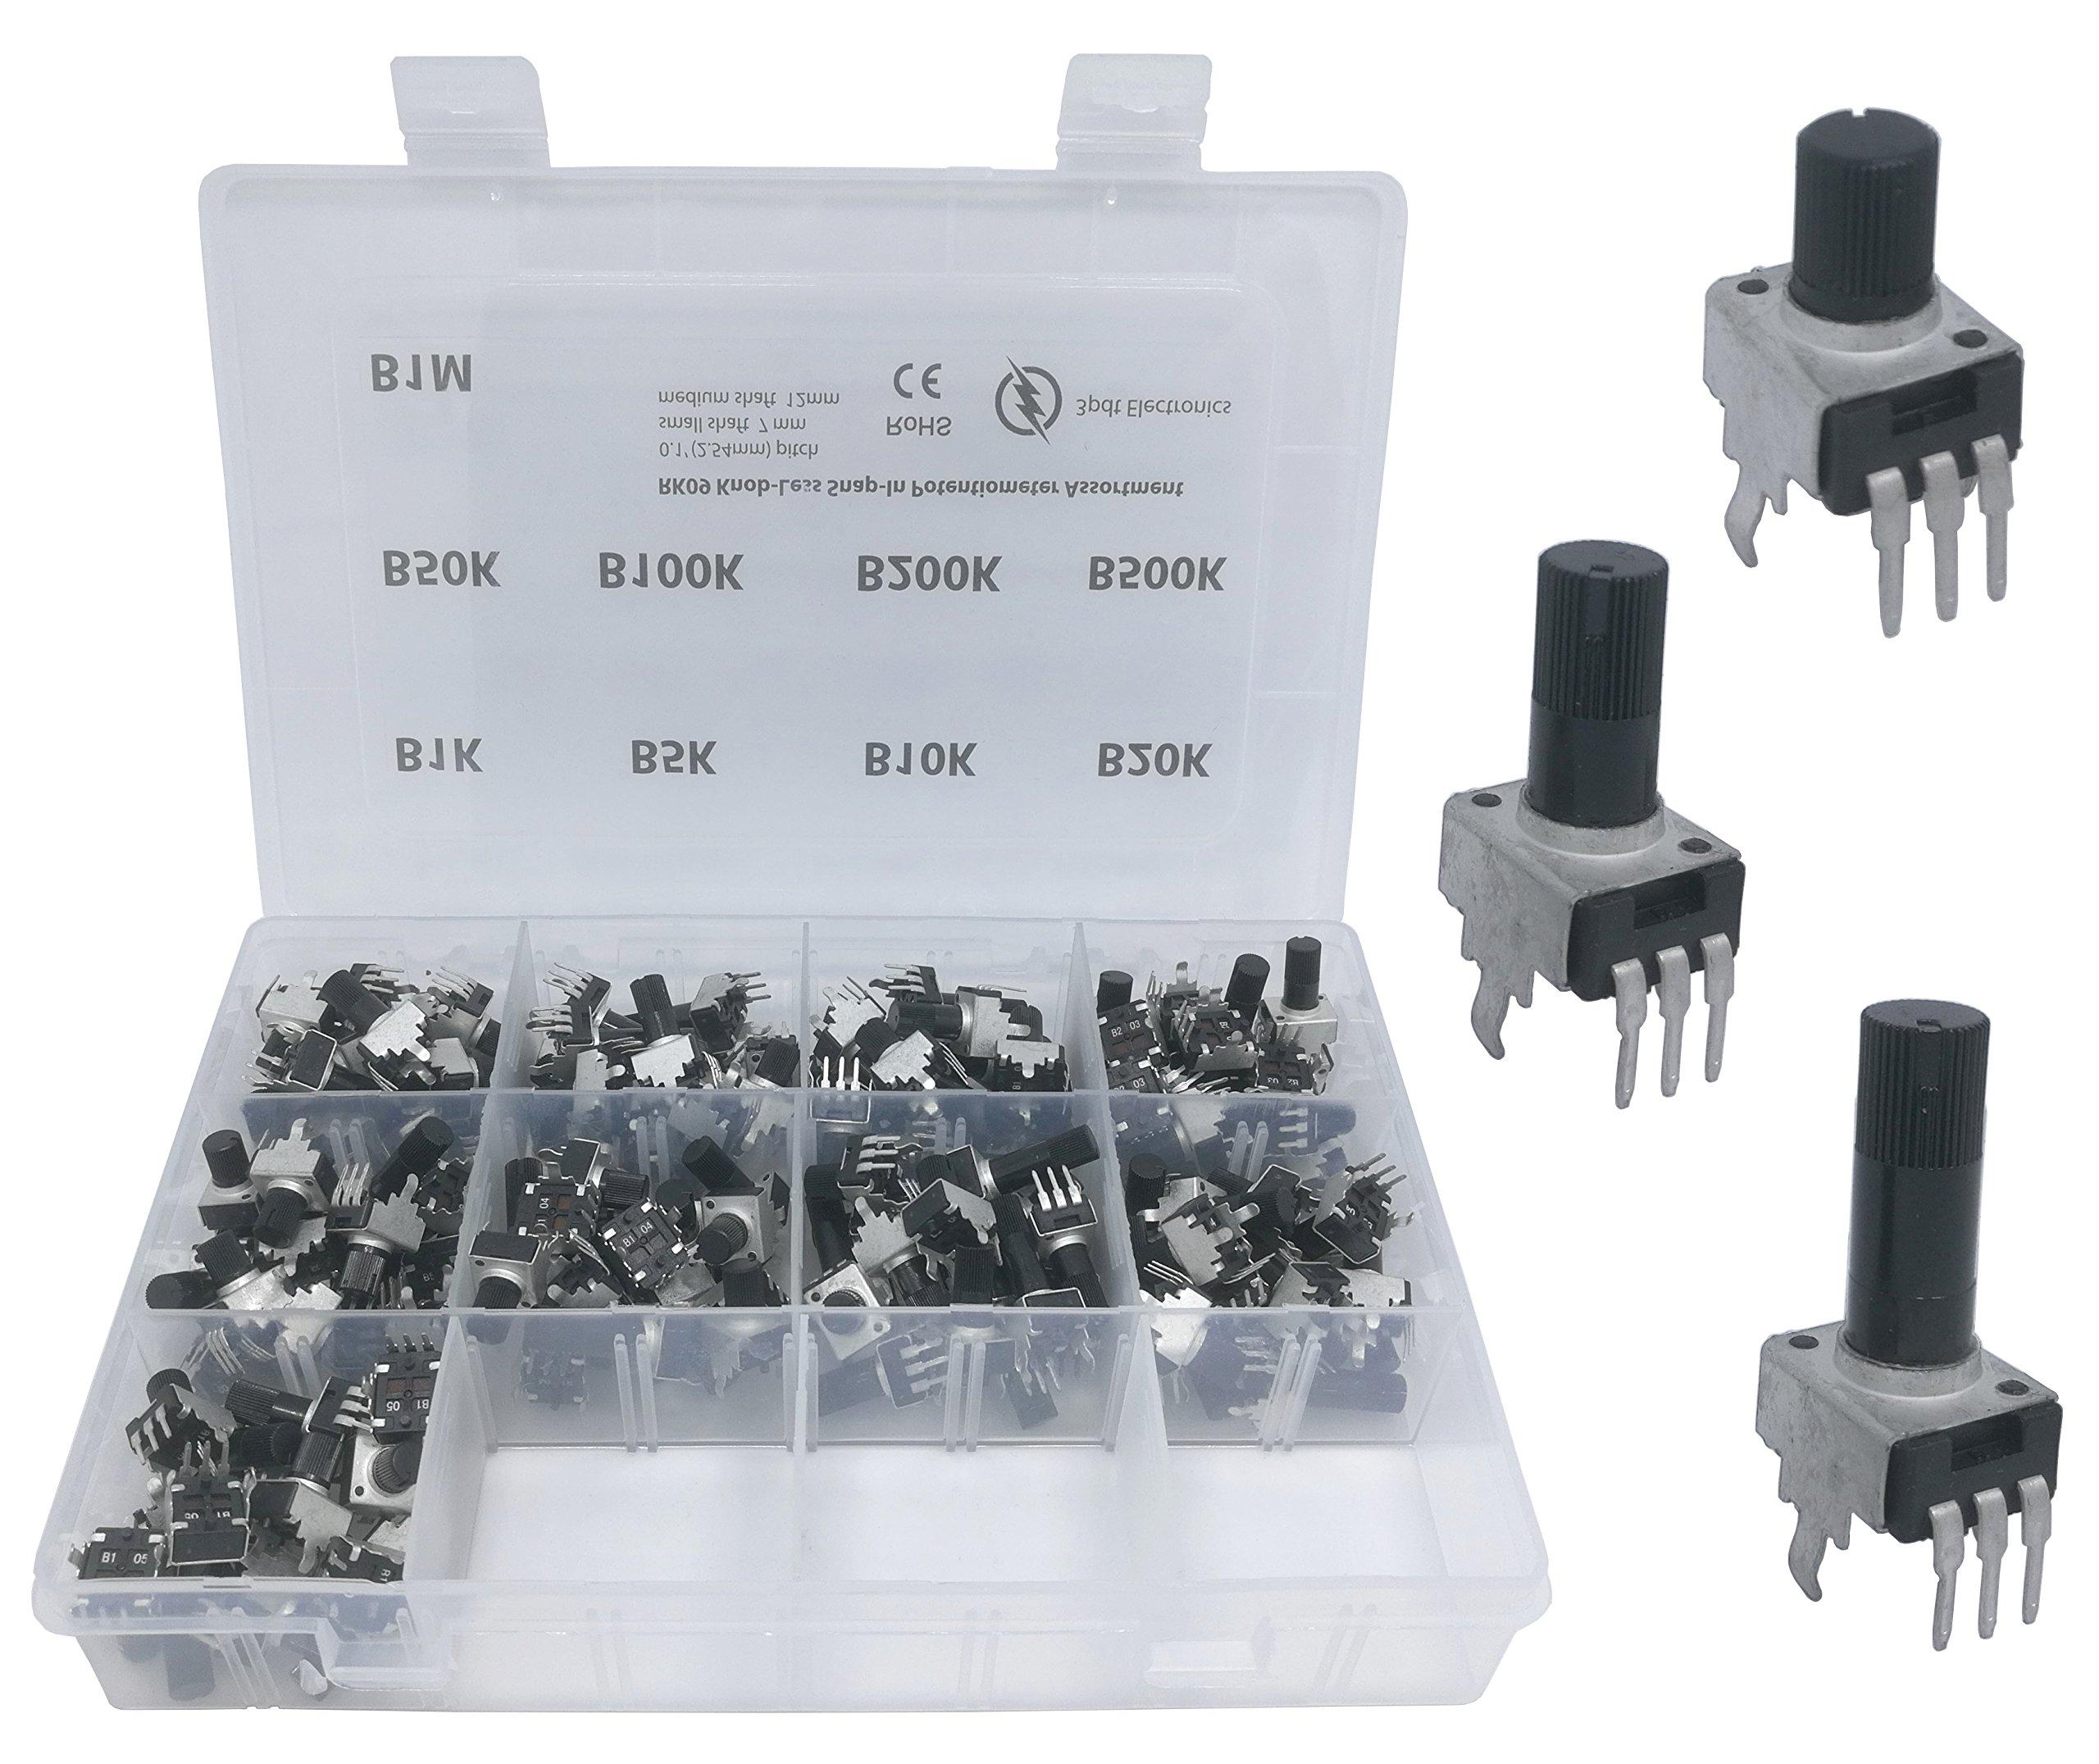 108 pcs 9 Values 3 Shaft Size knobless snap-in Mini Pot RK09 Small Potentiometer Assortment Kit for PCB Mount B1K, B5K, B10K, B20K, B50K, B100K, B200K, B500K, B1M